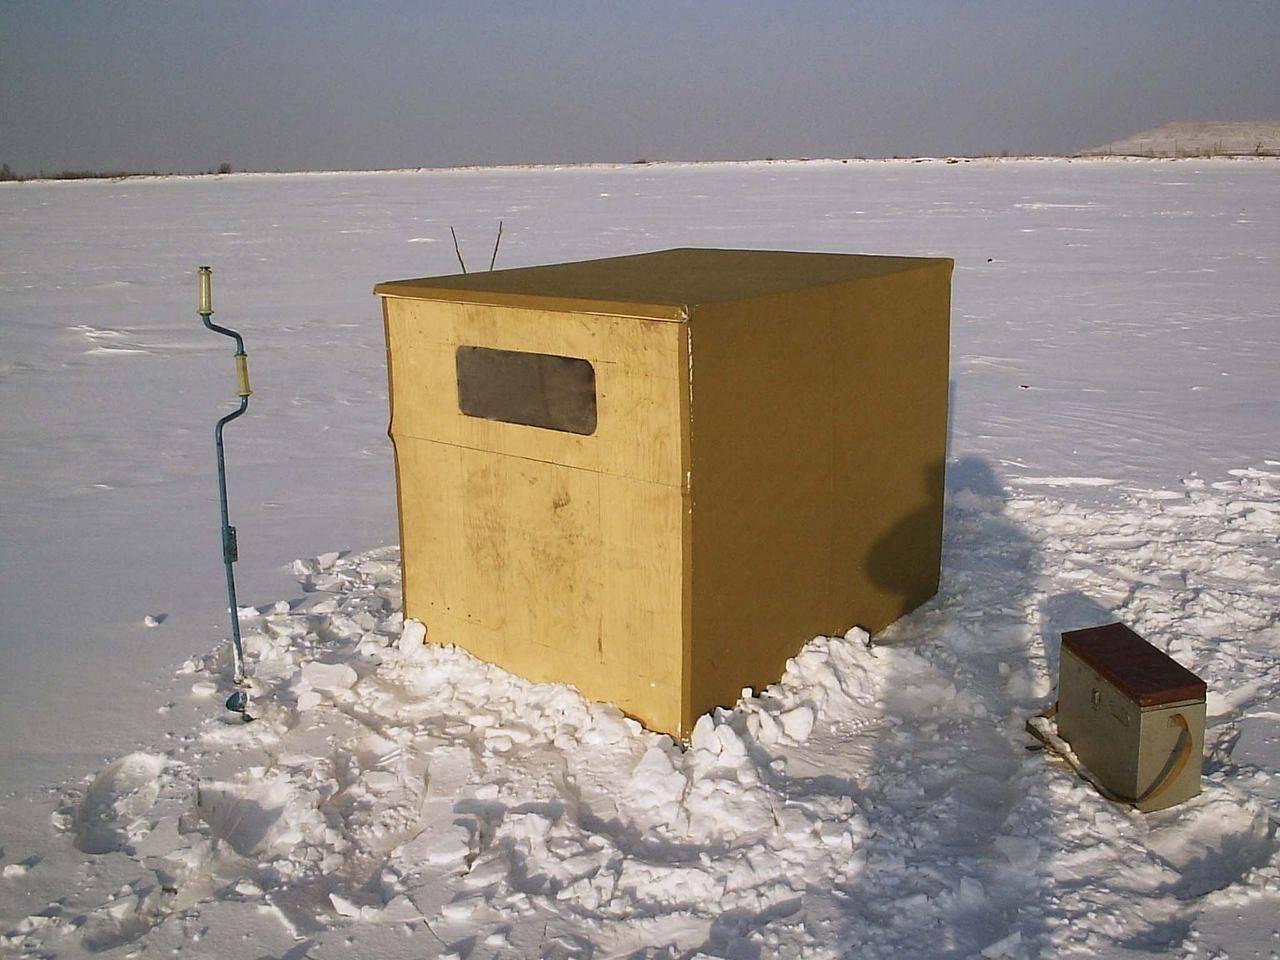 Зимняя палатка для рыбалки своими руками: пошаговая инструкция с чертежами по изготовлению домика